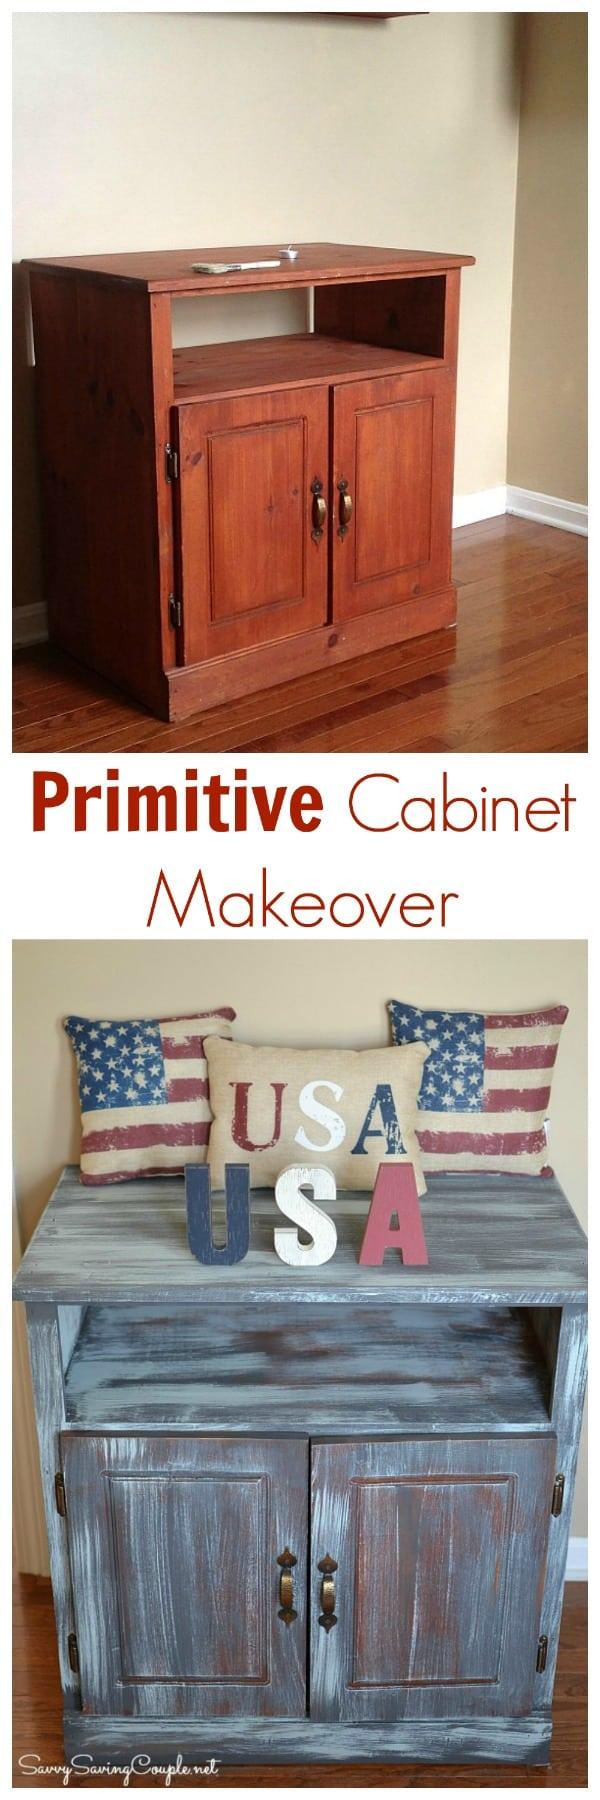 primitive-cabinet-makeover